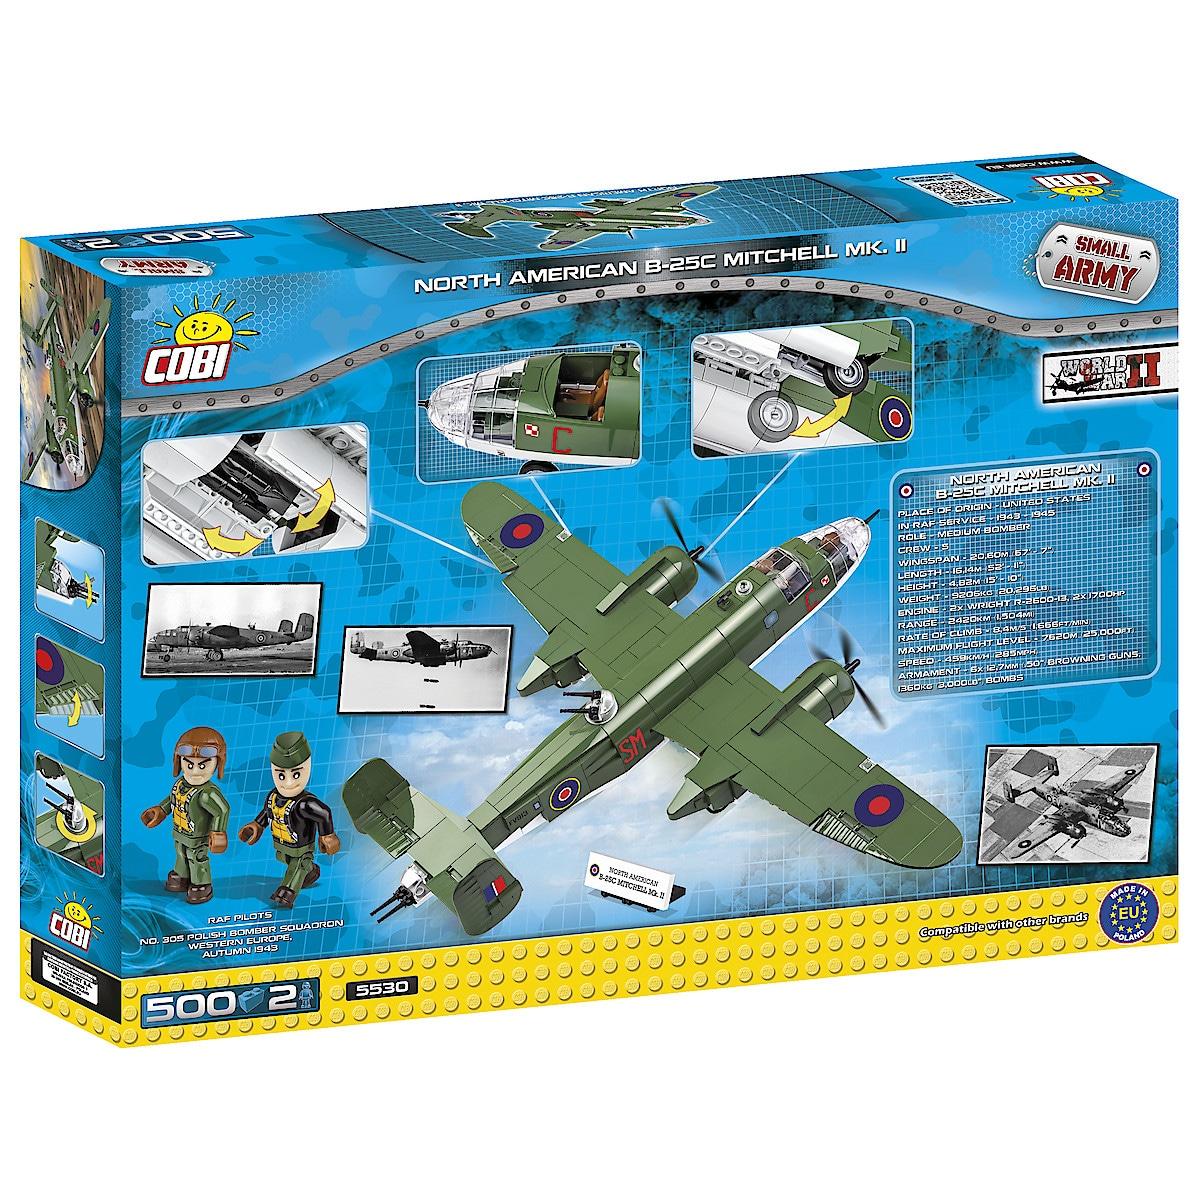 Rakennussarja Cobi, North American B-25C Mitchell MK. II